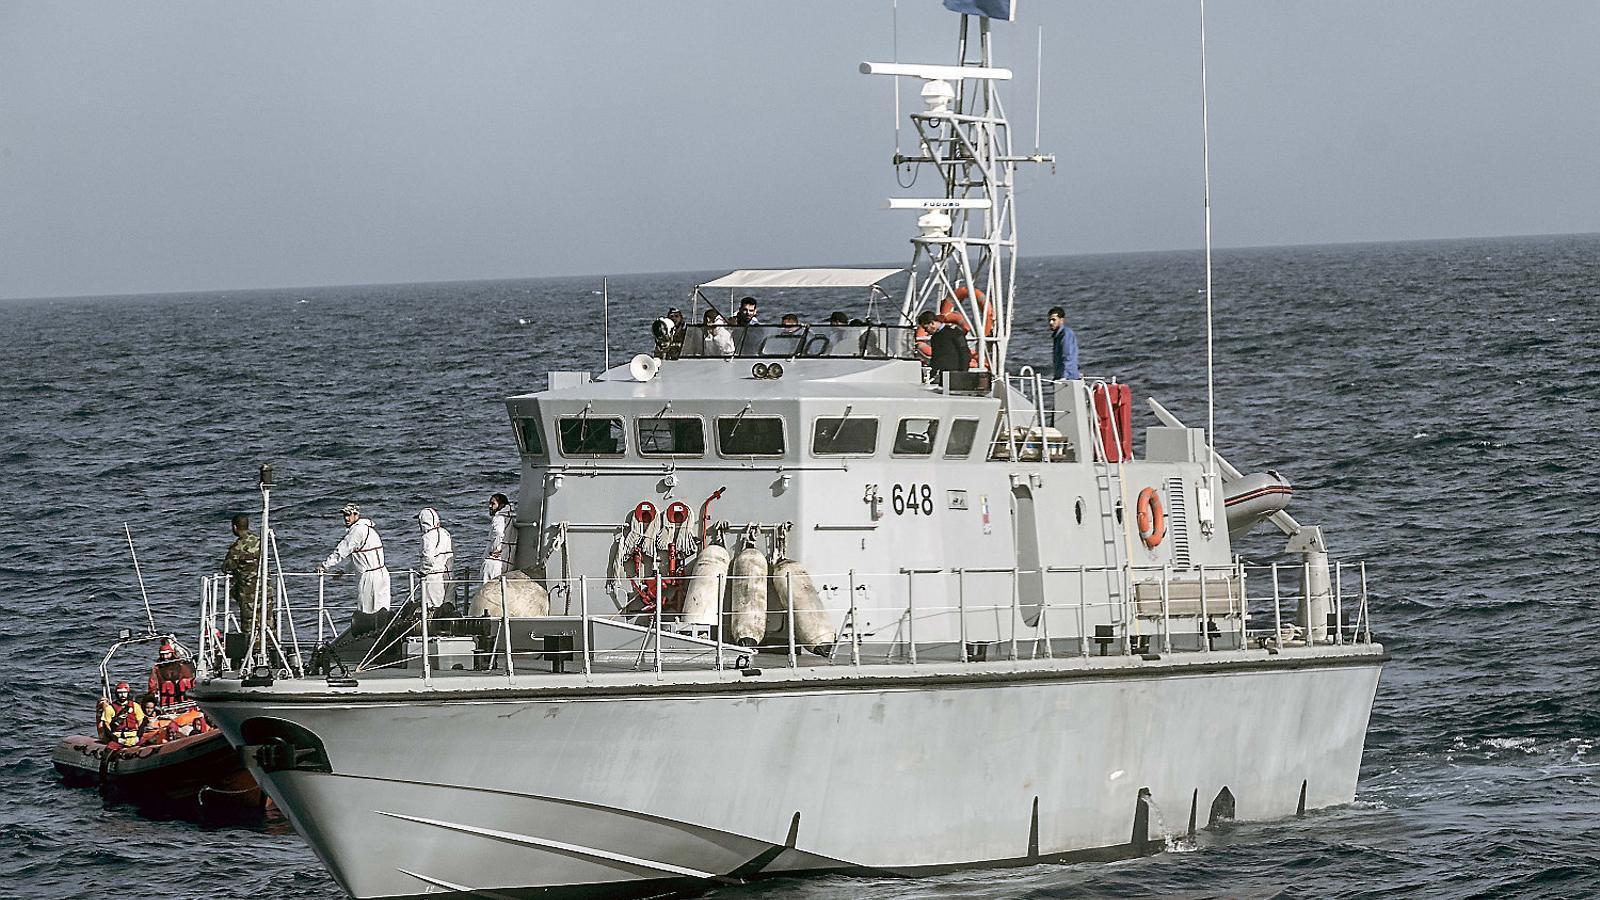 Crònica dels dos rescats i l'incident amb els guardacostes libis